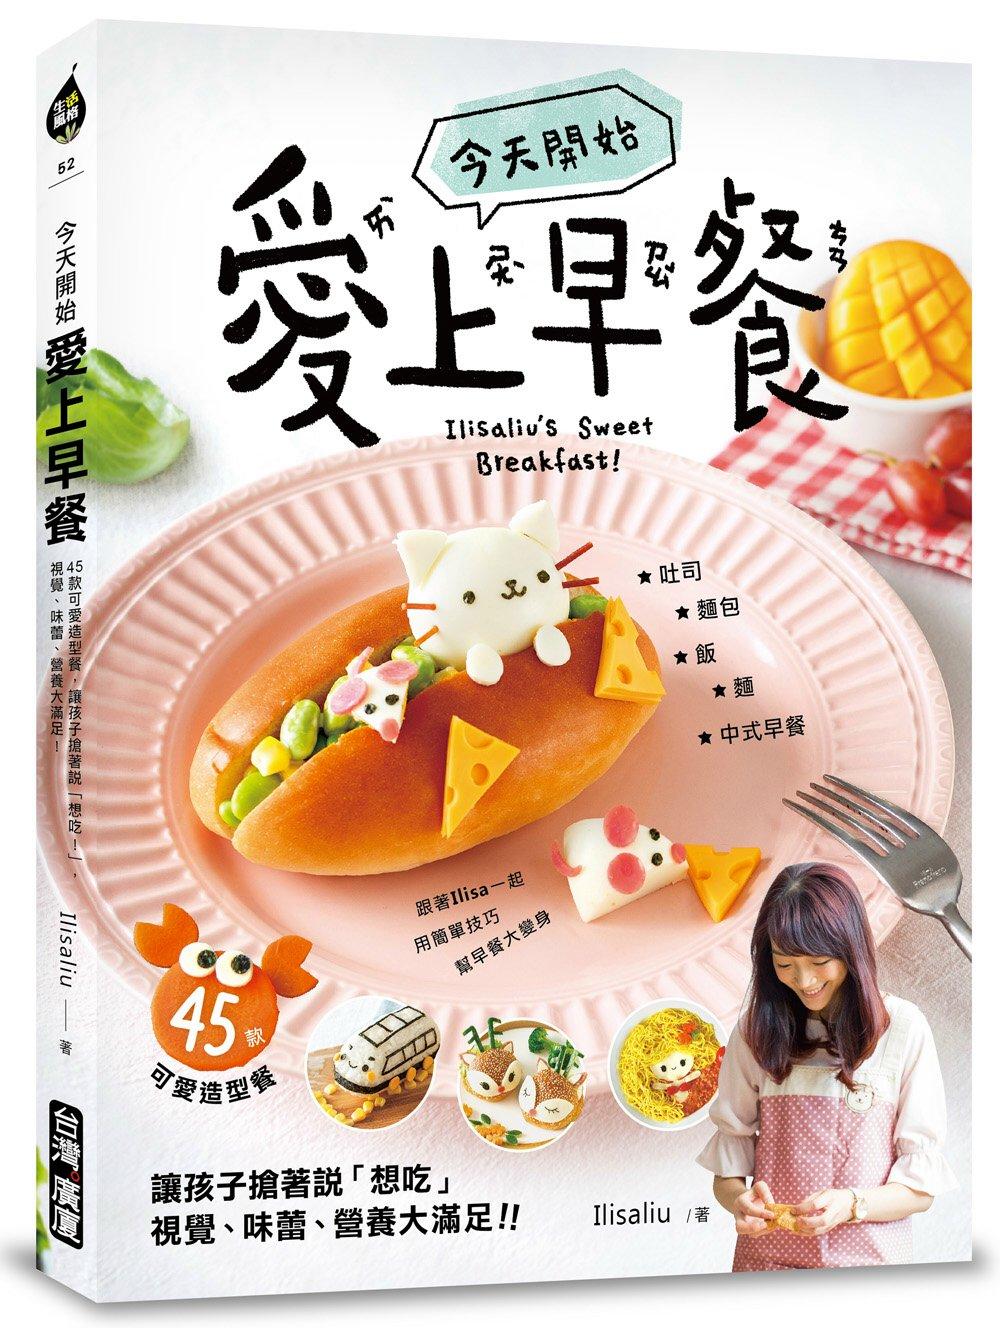 ◤博客來BOOKS◢ 暢銷書榜《推薦》今天開始「愛上早餐」:45款可愛造型餐,讓孩子搶著說「想吃!」,視覺、味蕾、營養大滿足!